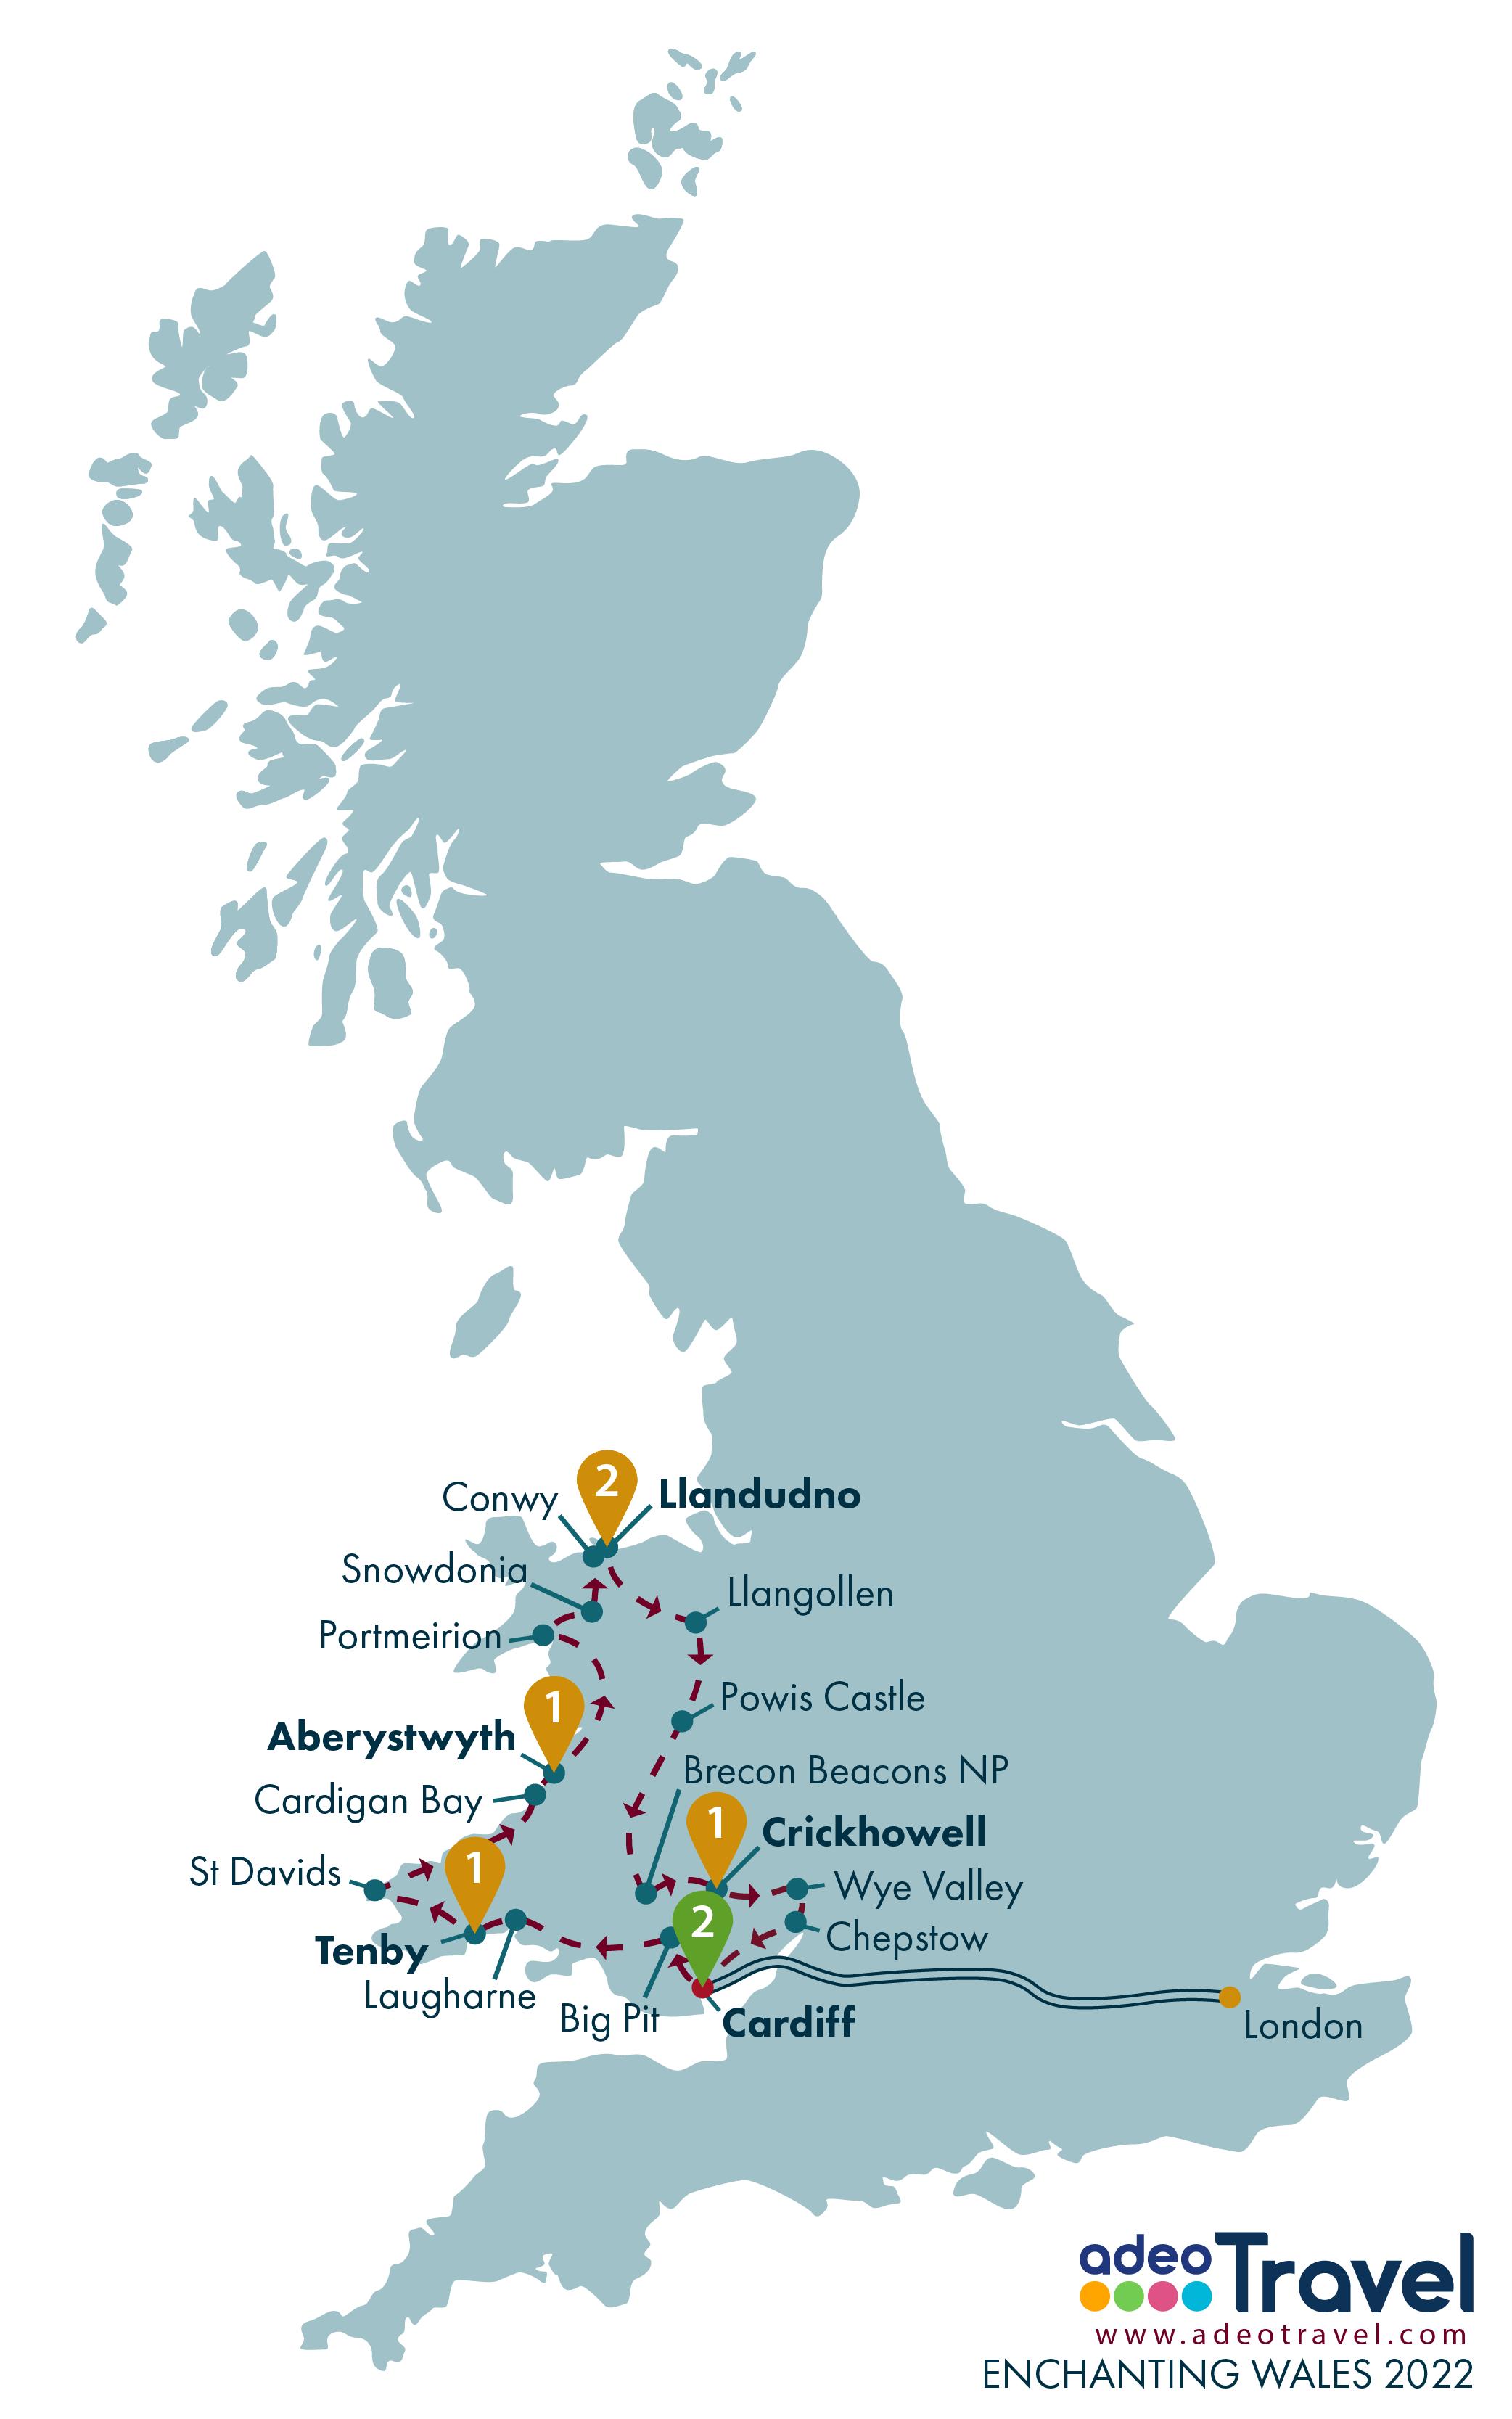 Map - Enchanting Wales 2022